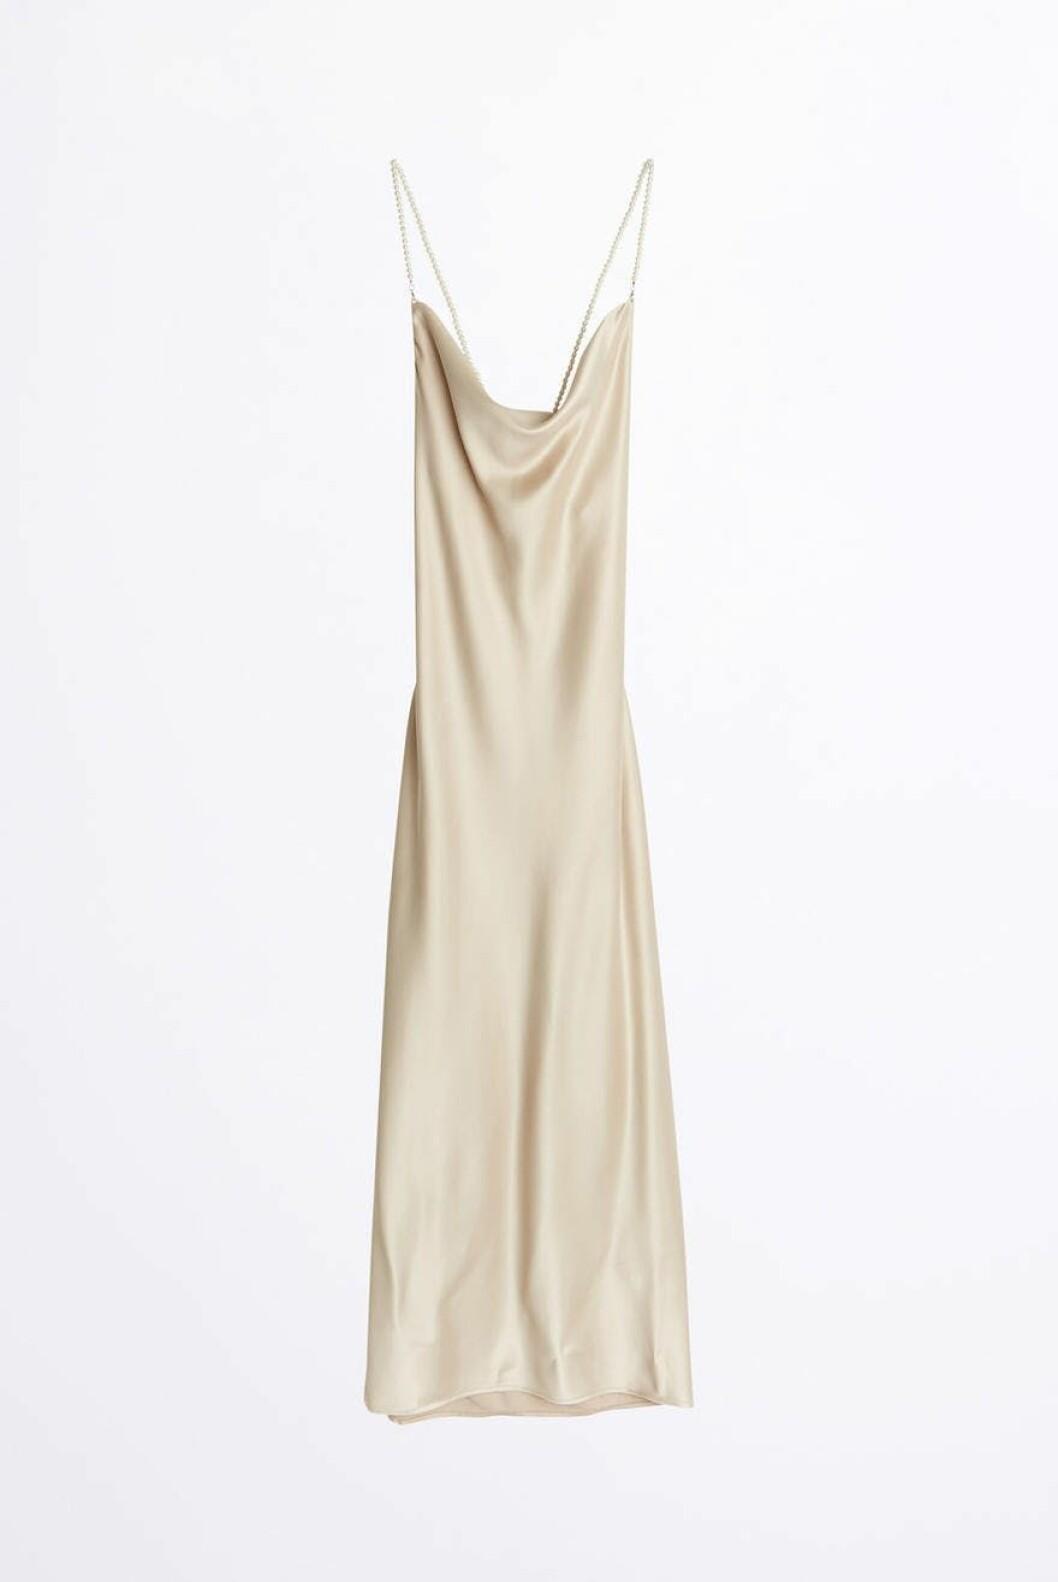 slipklänning i beige från Gina tricot.